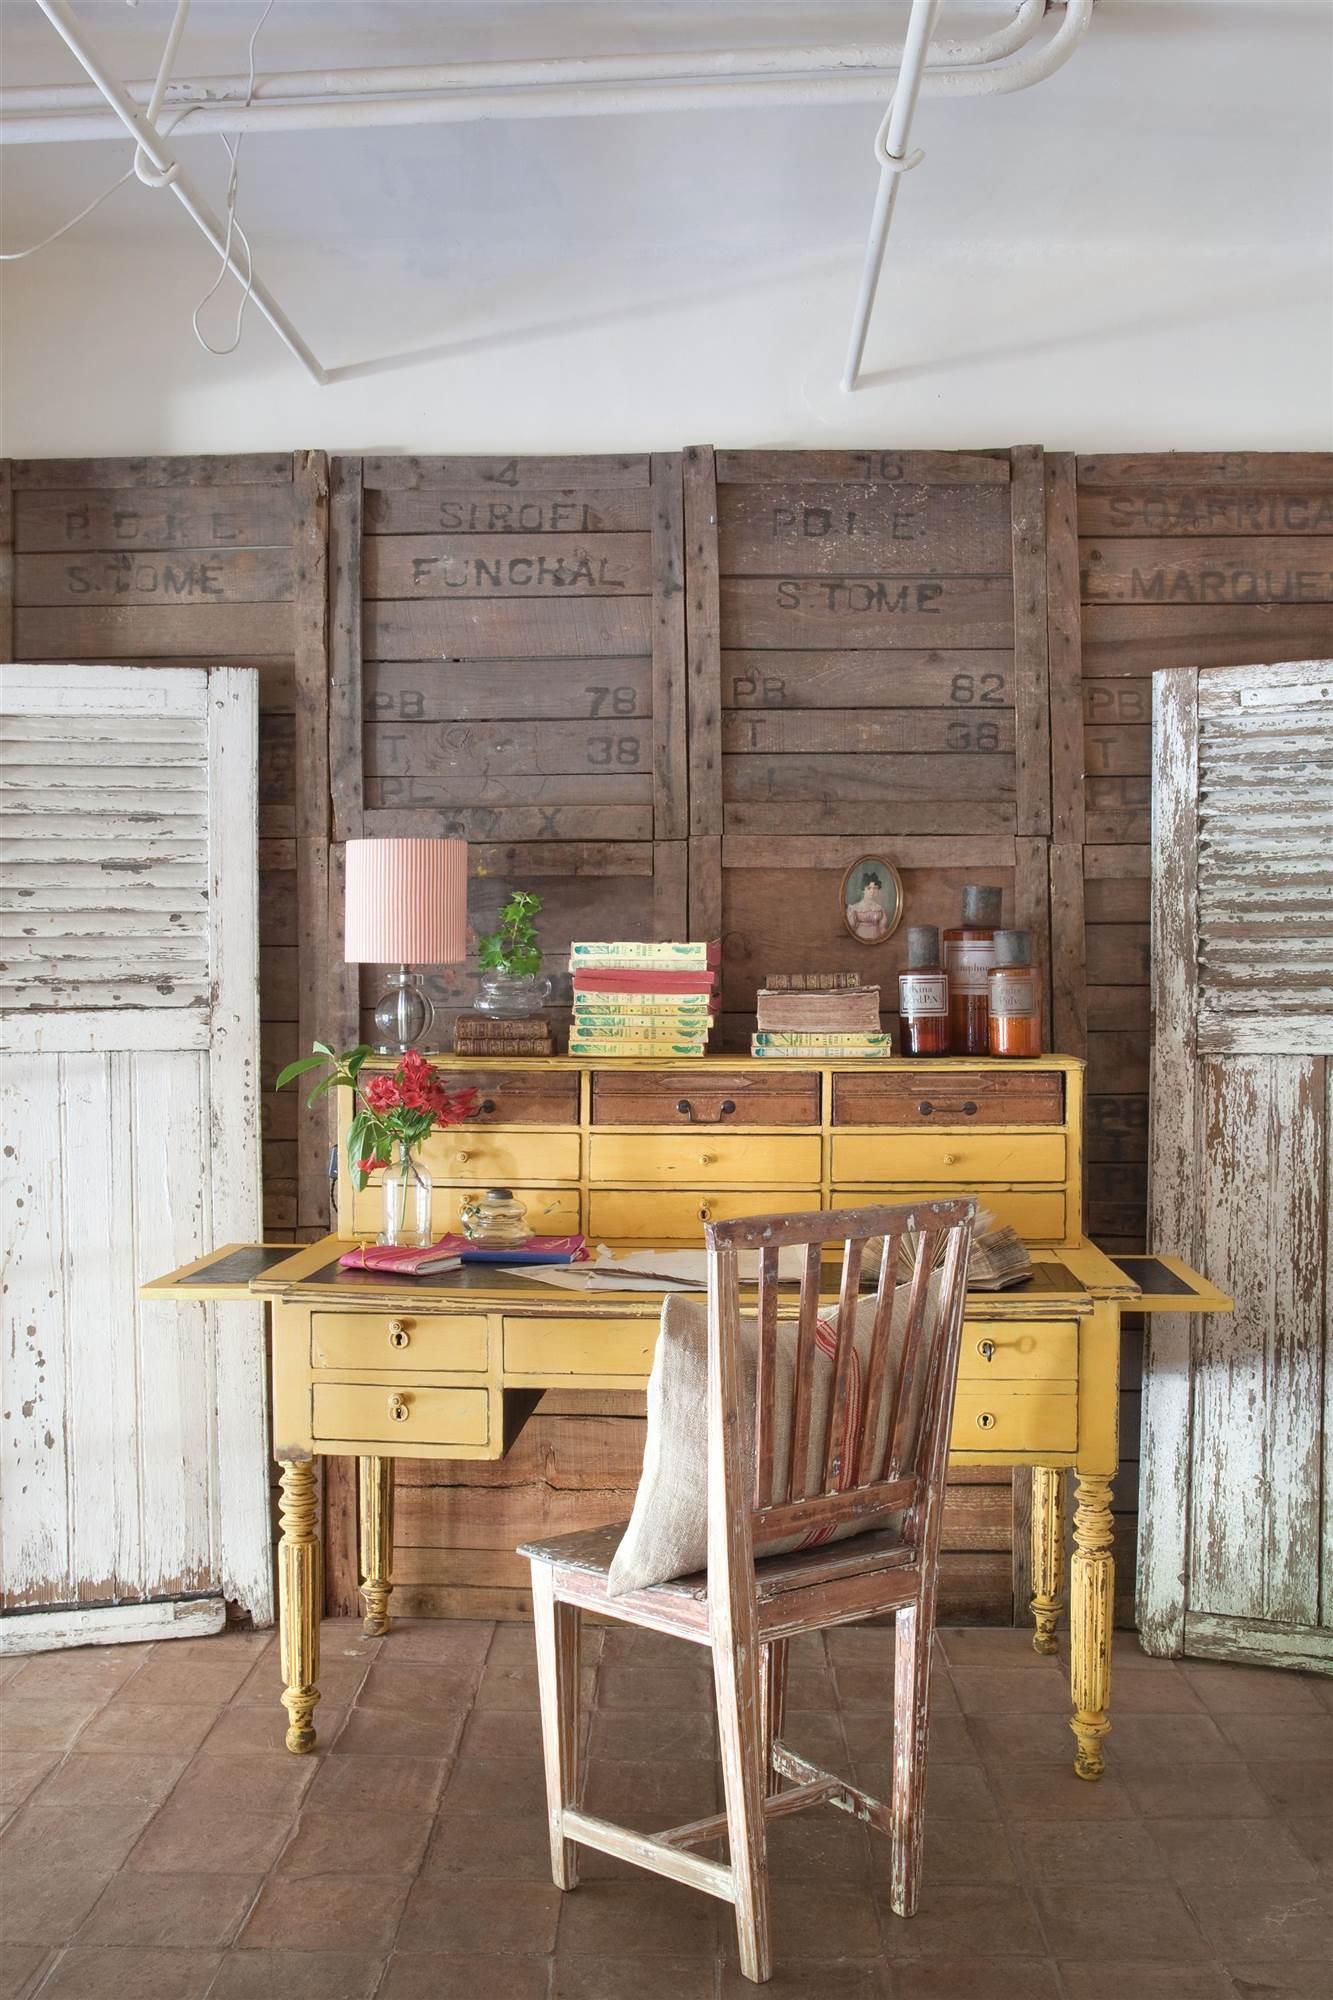 Muebles en pareja con qu color combina mejor la madera